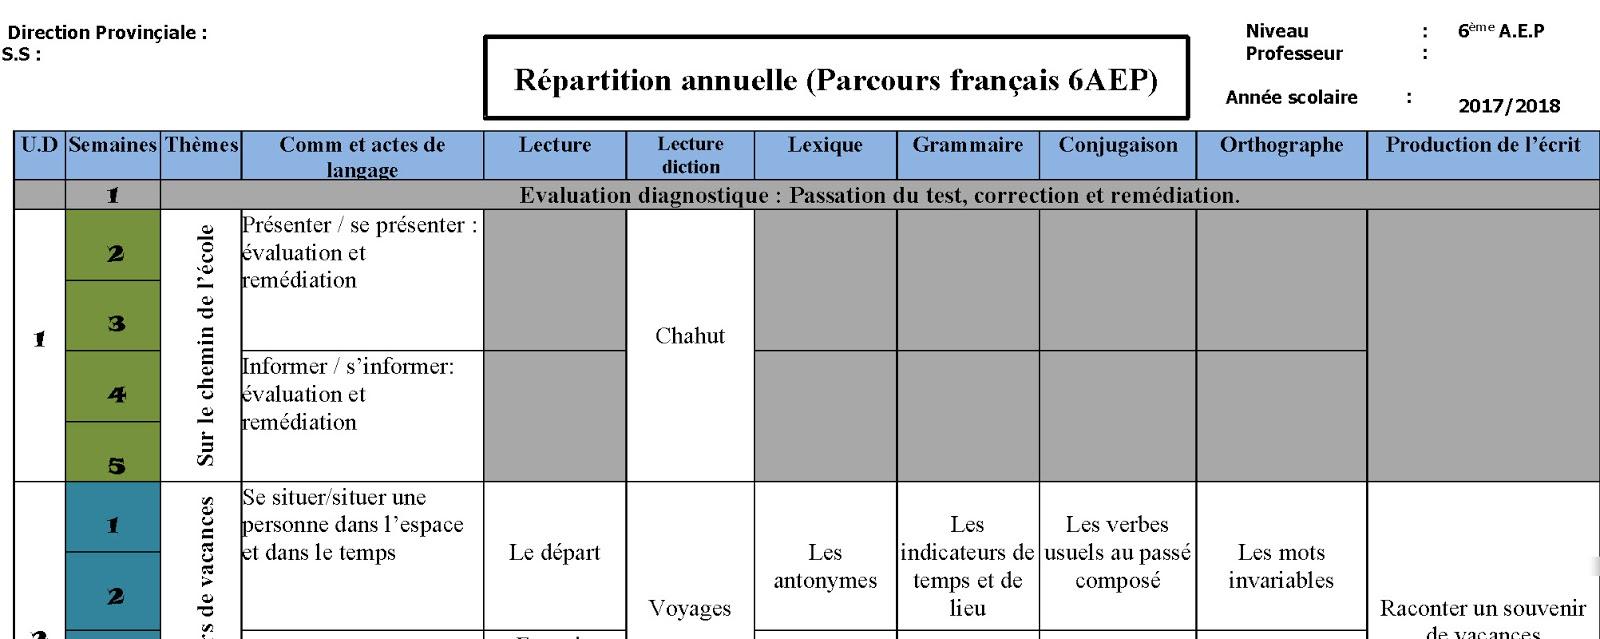 التوزيع السنوي الجديد للفرنسية للمستوى السادس ابتدائي